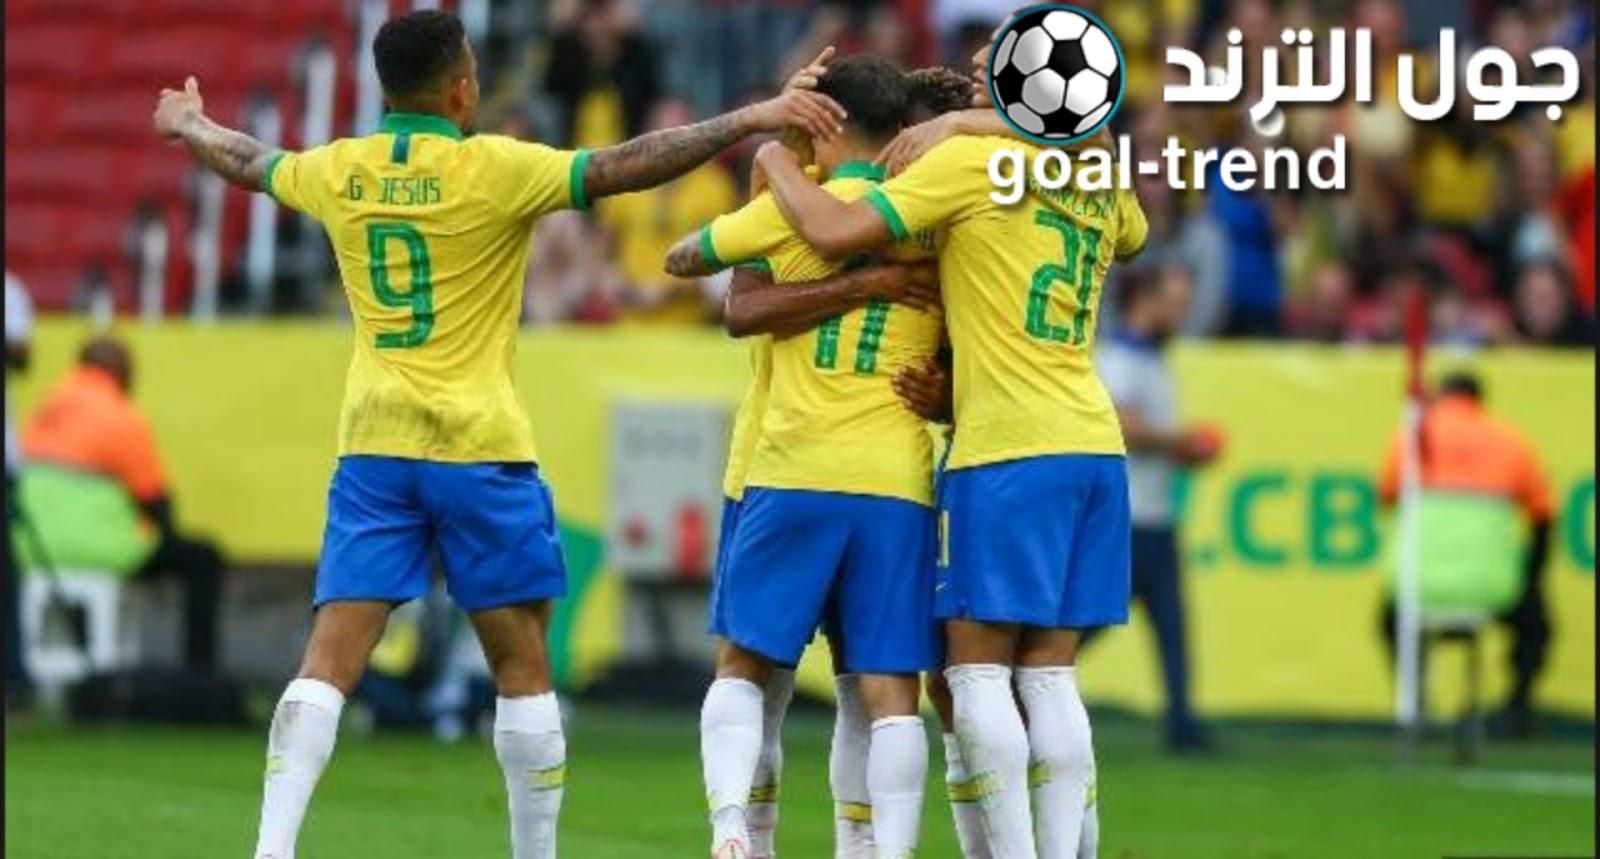 نتيجة مواجهة البرازيل وفانزويلا في كوبا امريكا 2019